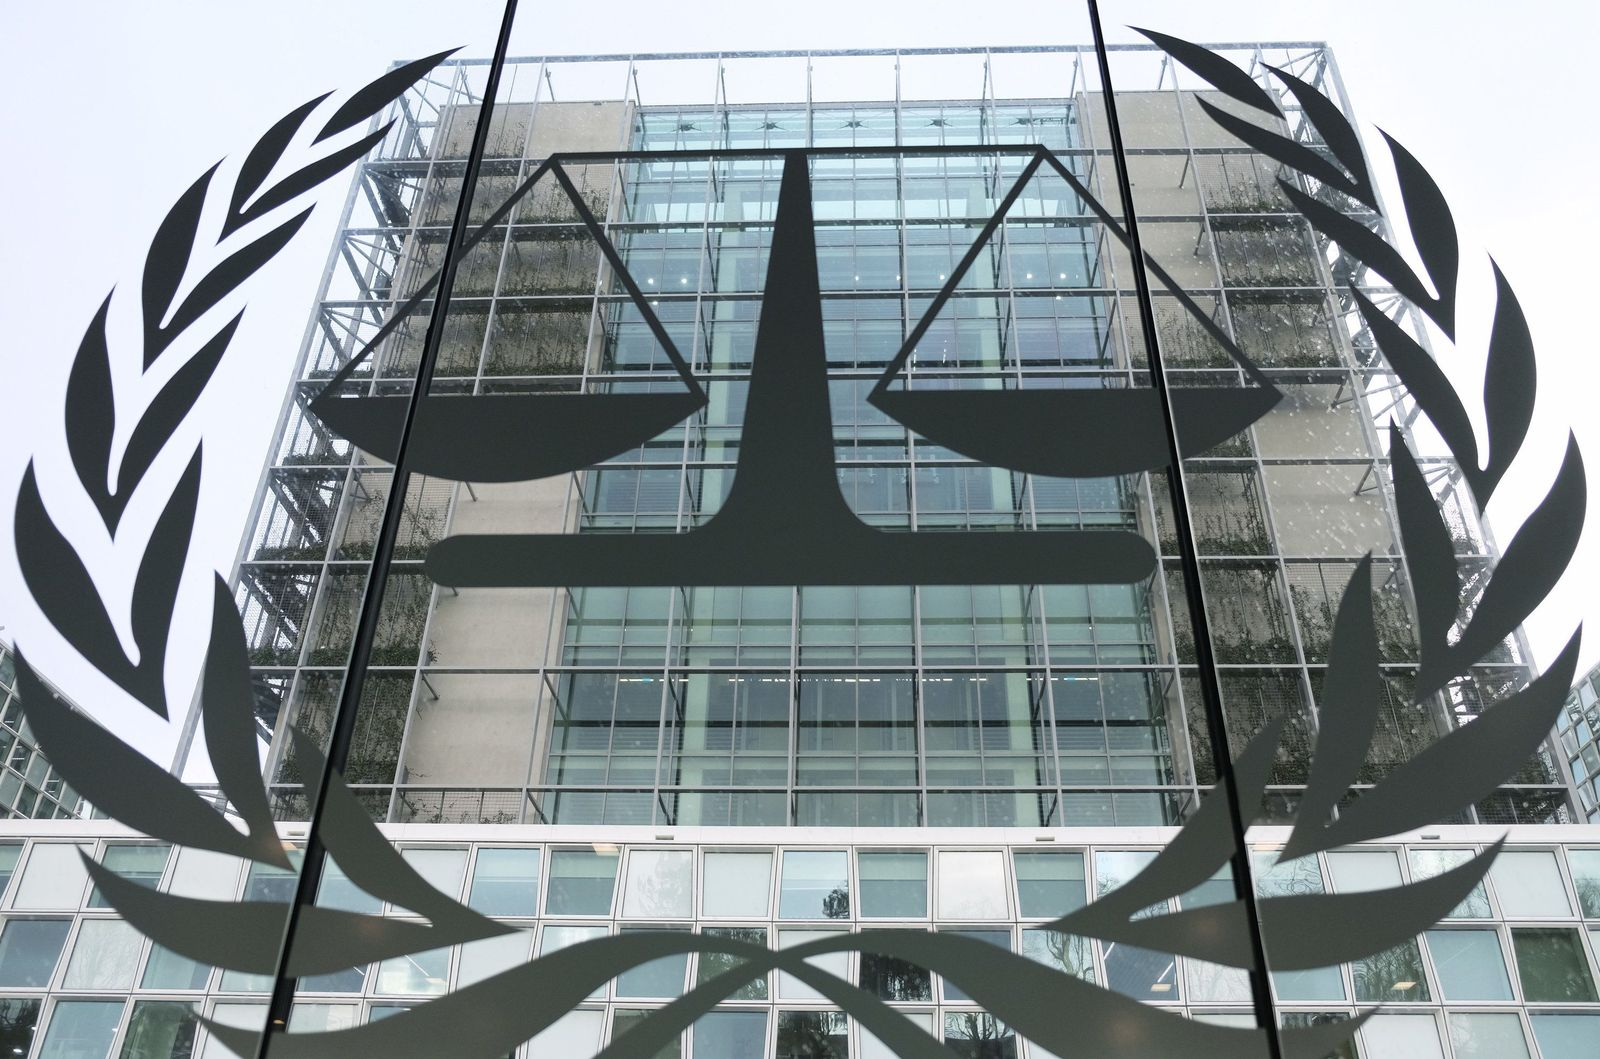 ICC / Internationaler Strafgerichtshof